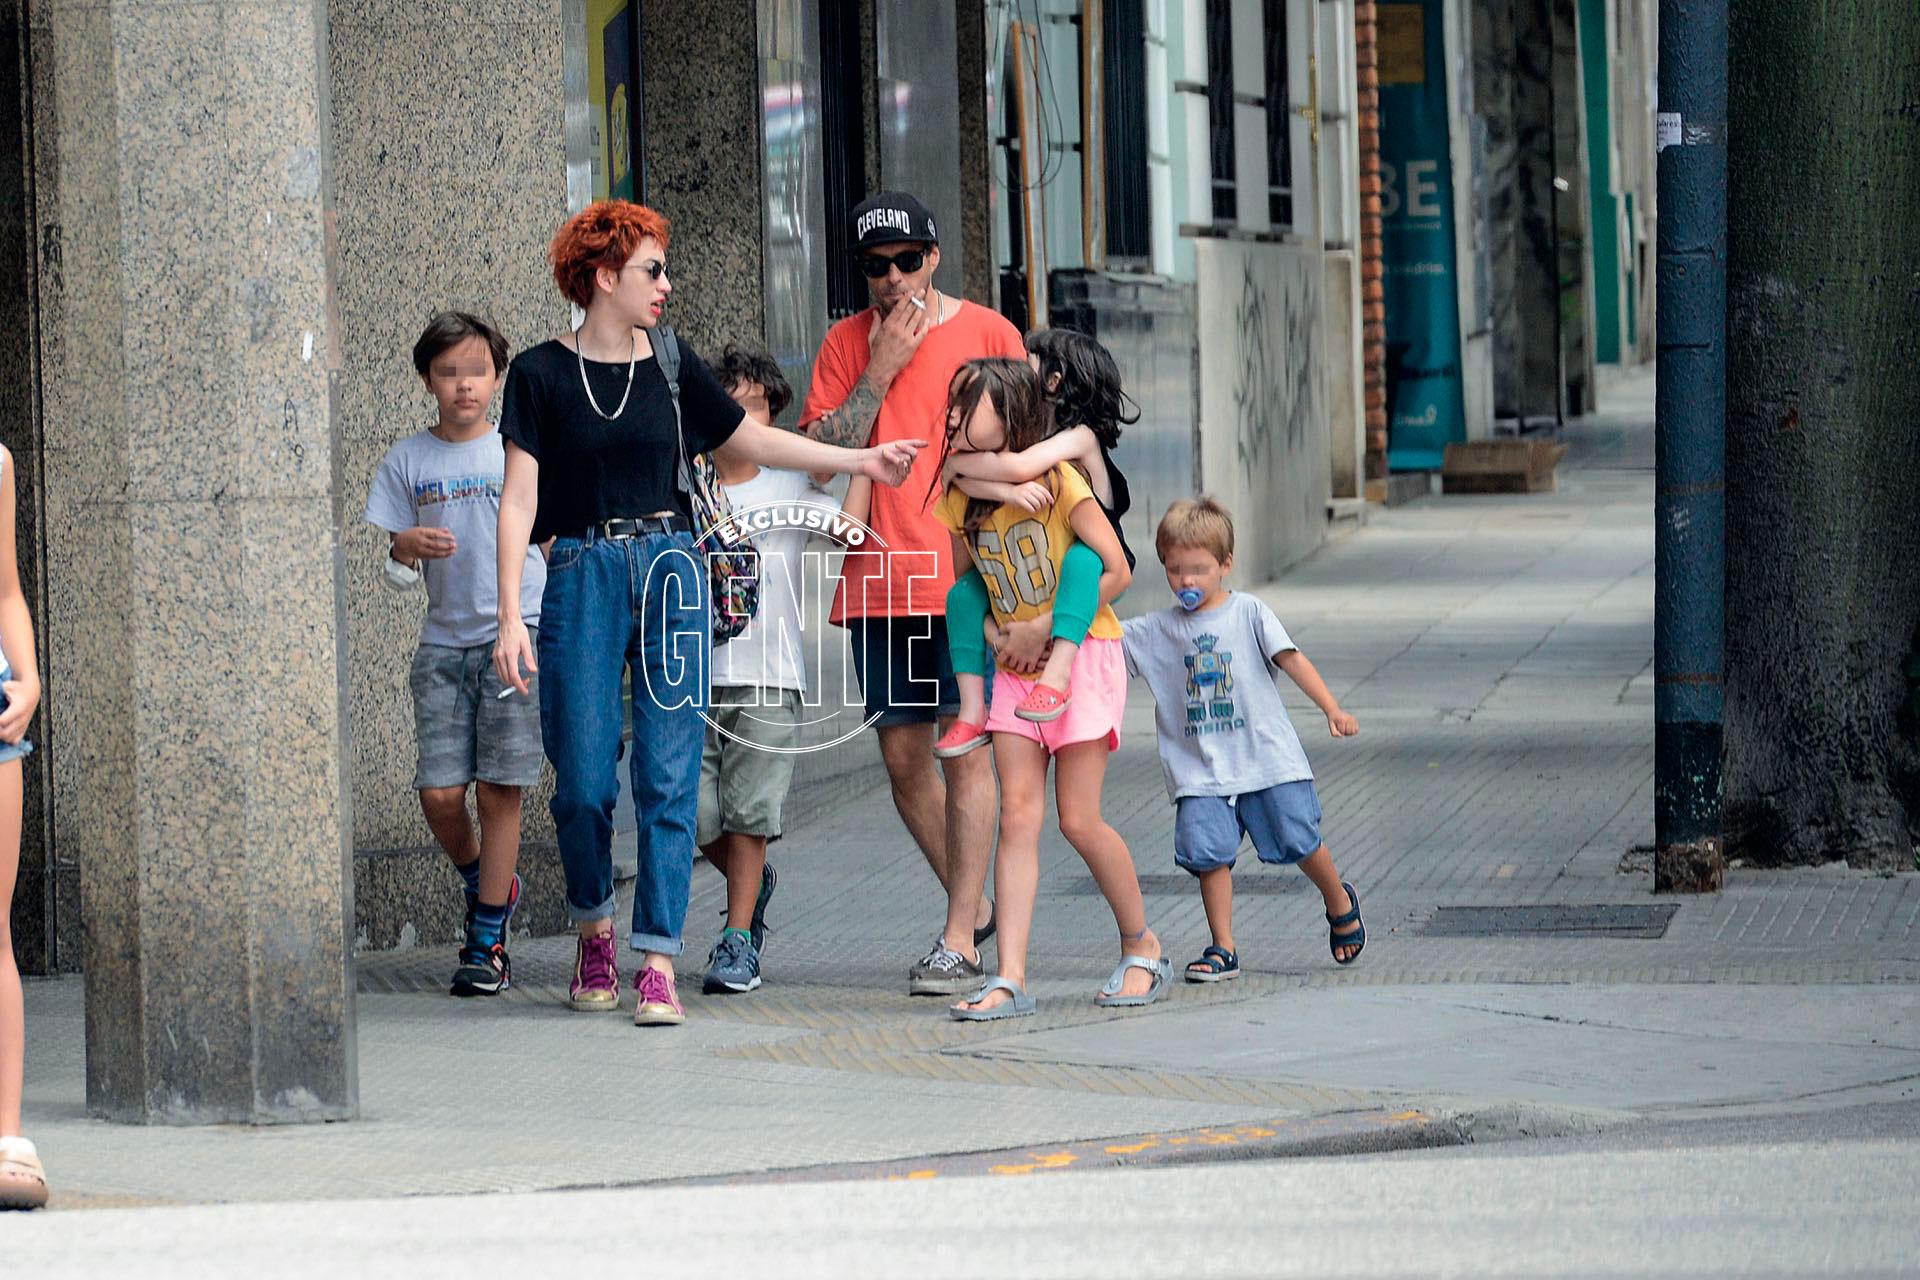 """En uno de sus paseos familiares, Sofía Gala y sus hijos Dante Della Paolera (4) y Helena Tuñón (9), junto a """"Zeki"""" y sus tres retoños, fruto del amor de sus dos parejas anteriores. ¿El plan? Ir a comer hamburguesas al Recoleta Mall. ¡Todos contentos!"""